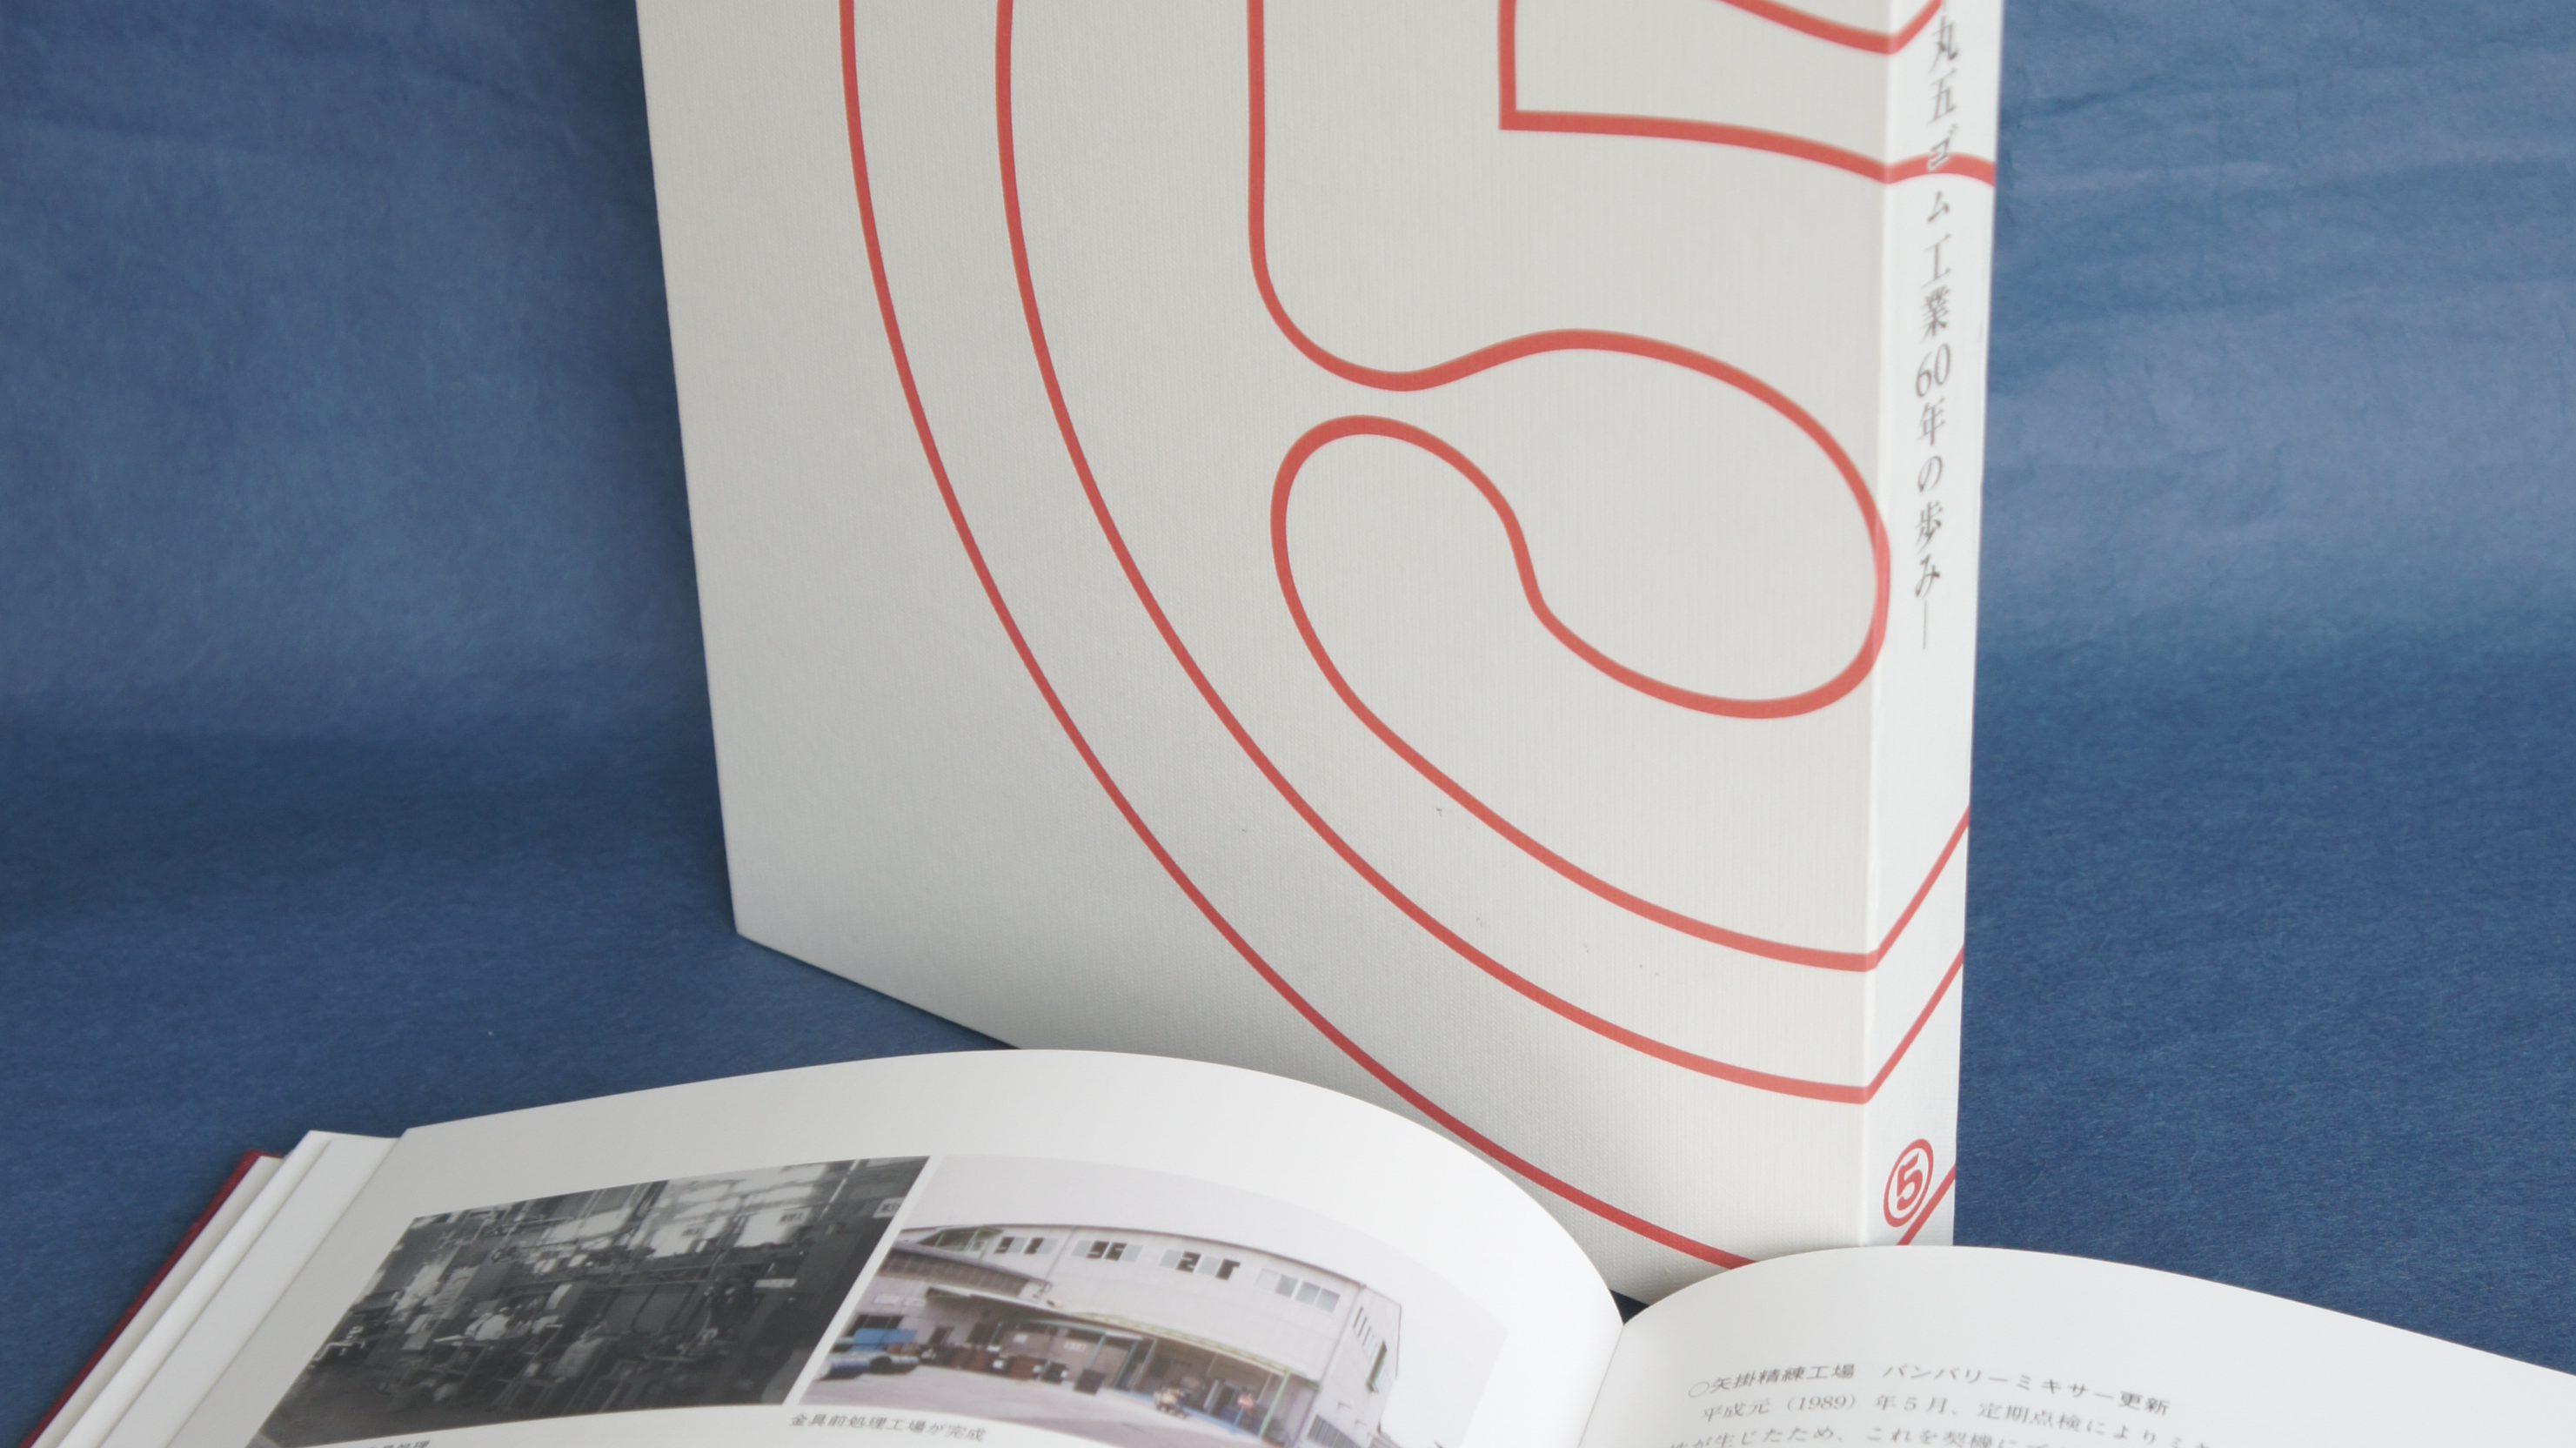 『変革と挑戦――丸五ゴム工業60年の歩み』